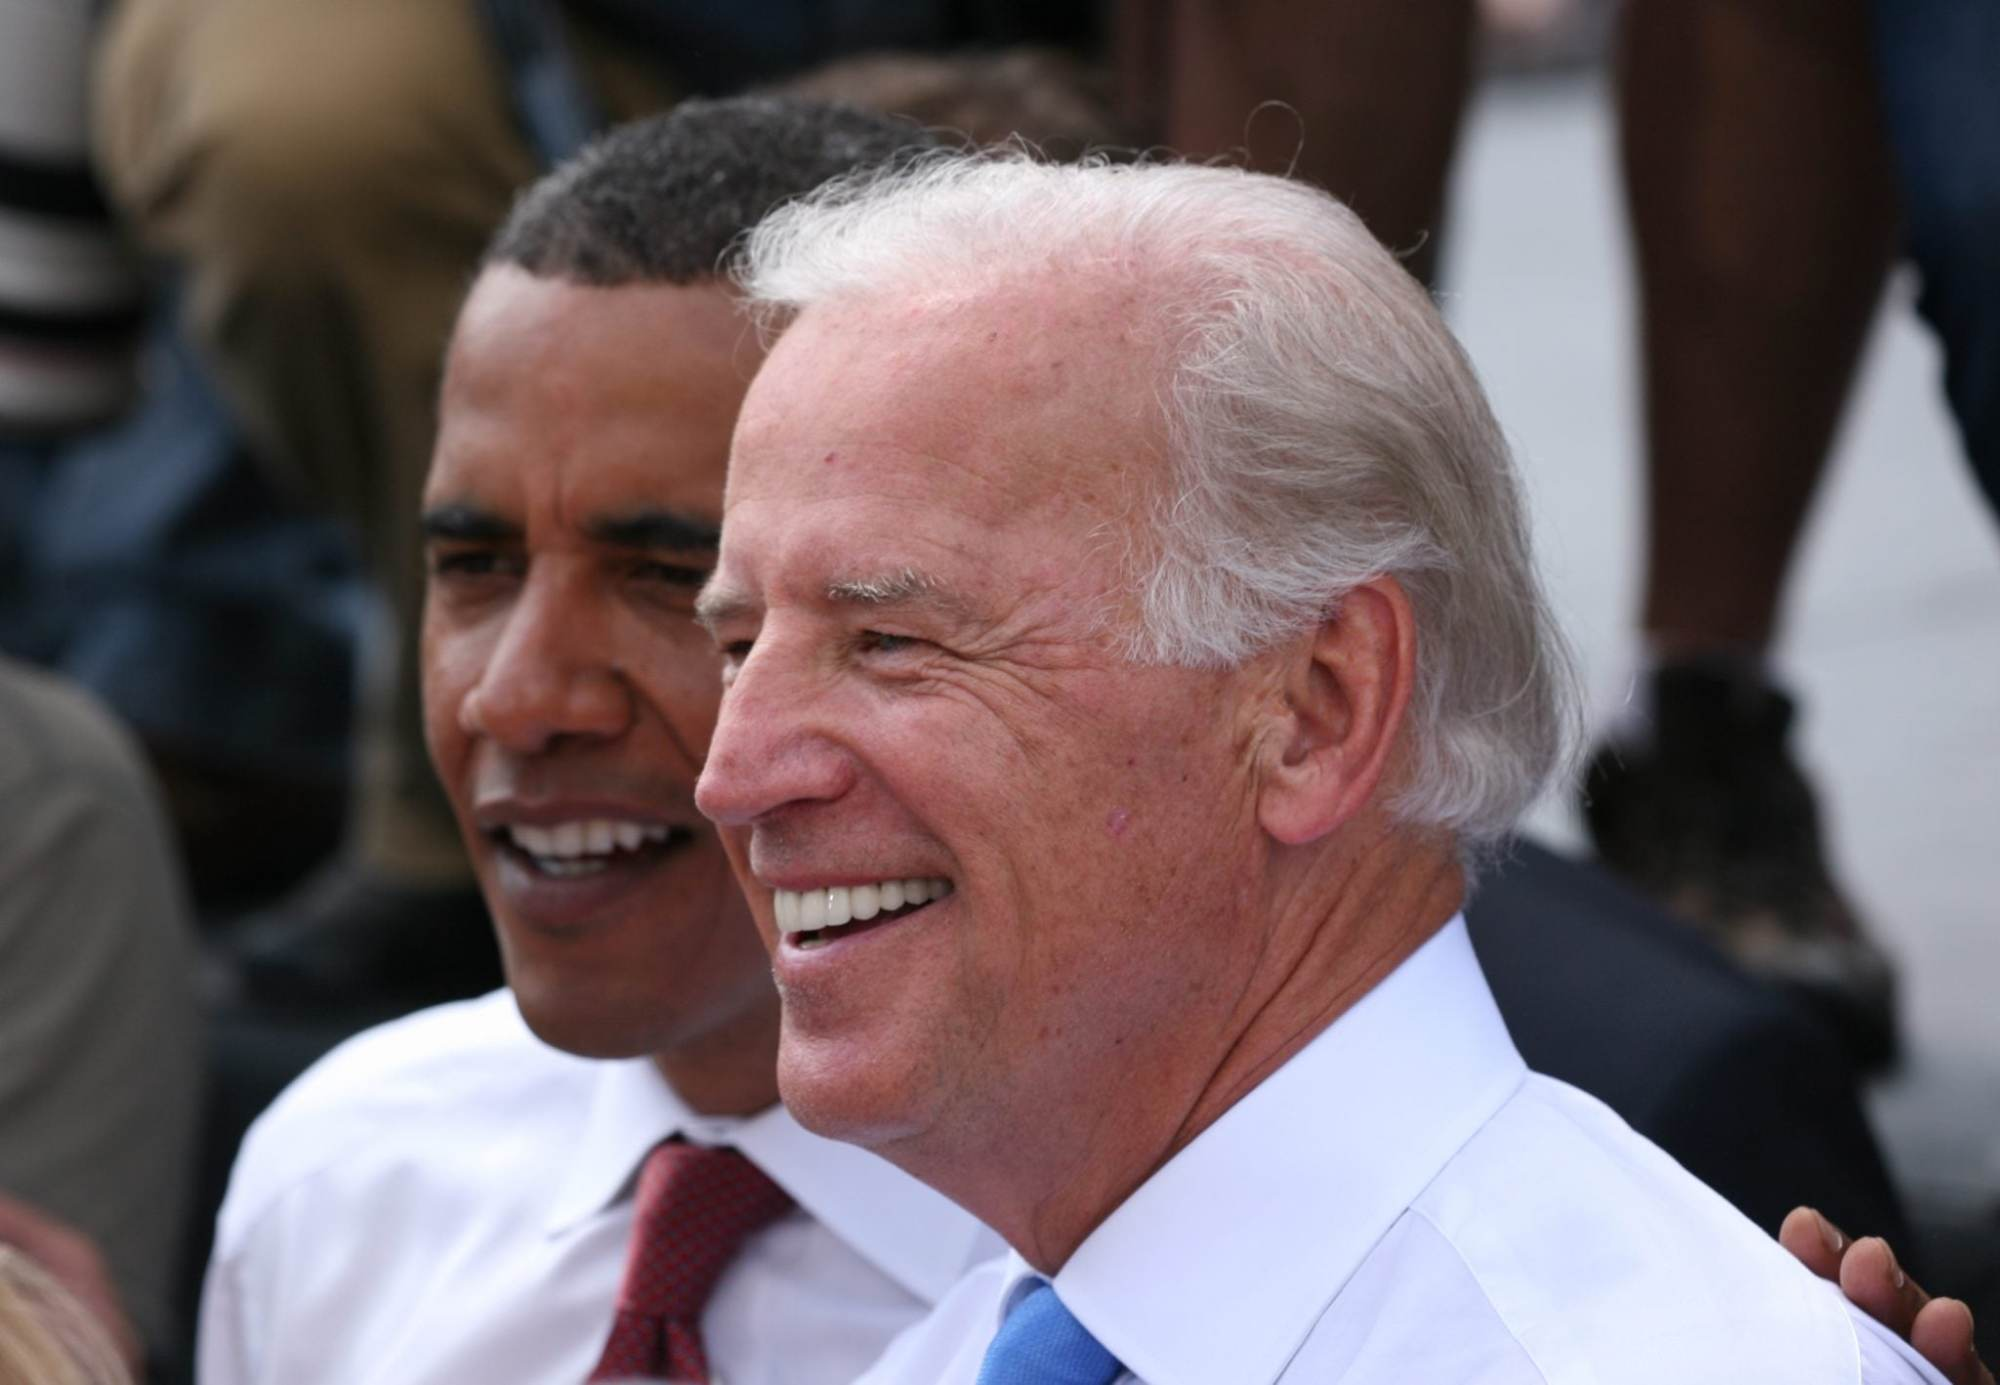 Delaware Senator Confident Biden Will Run In 2020